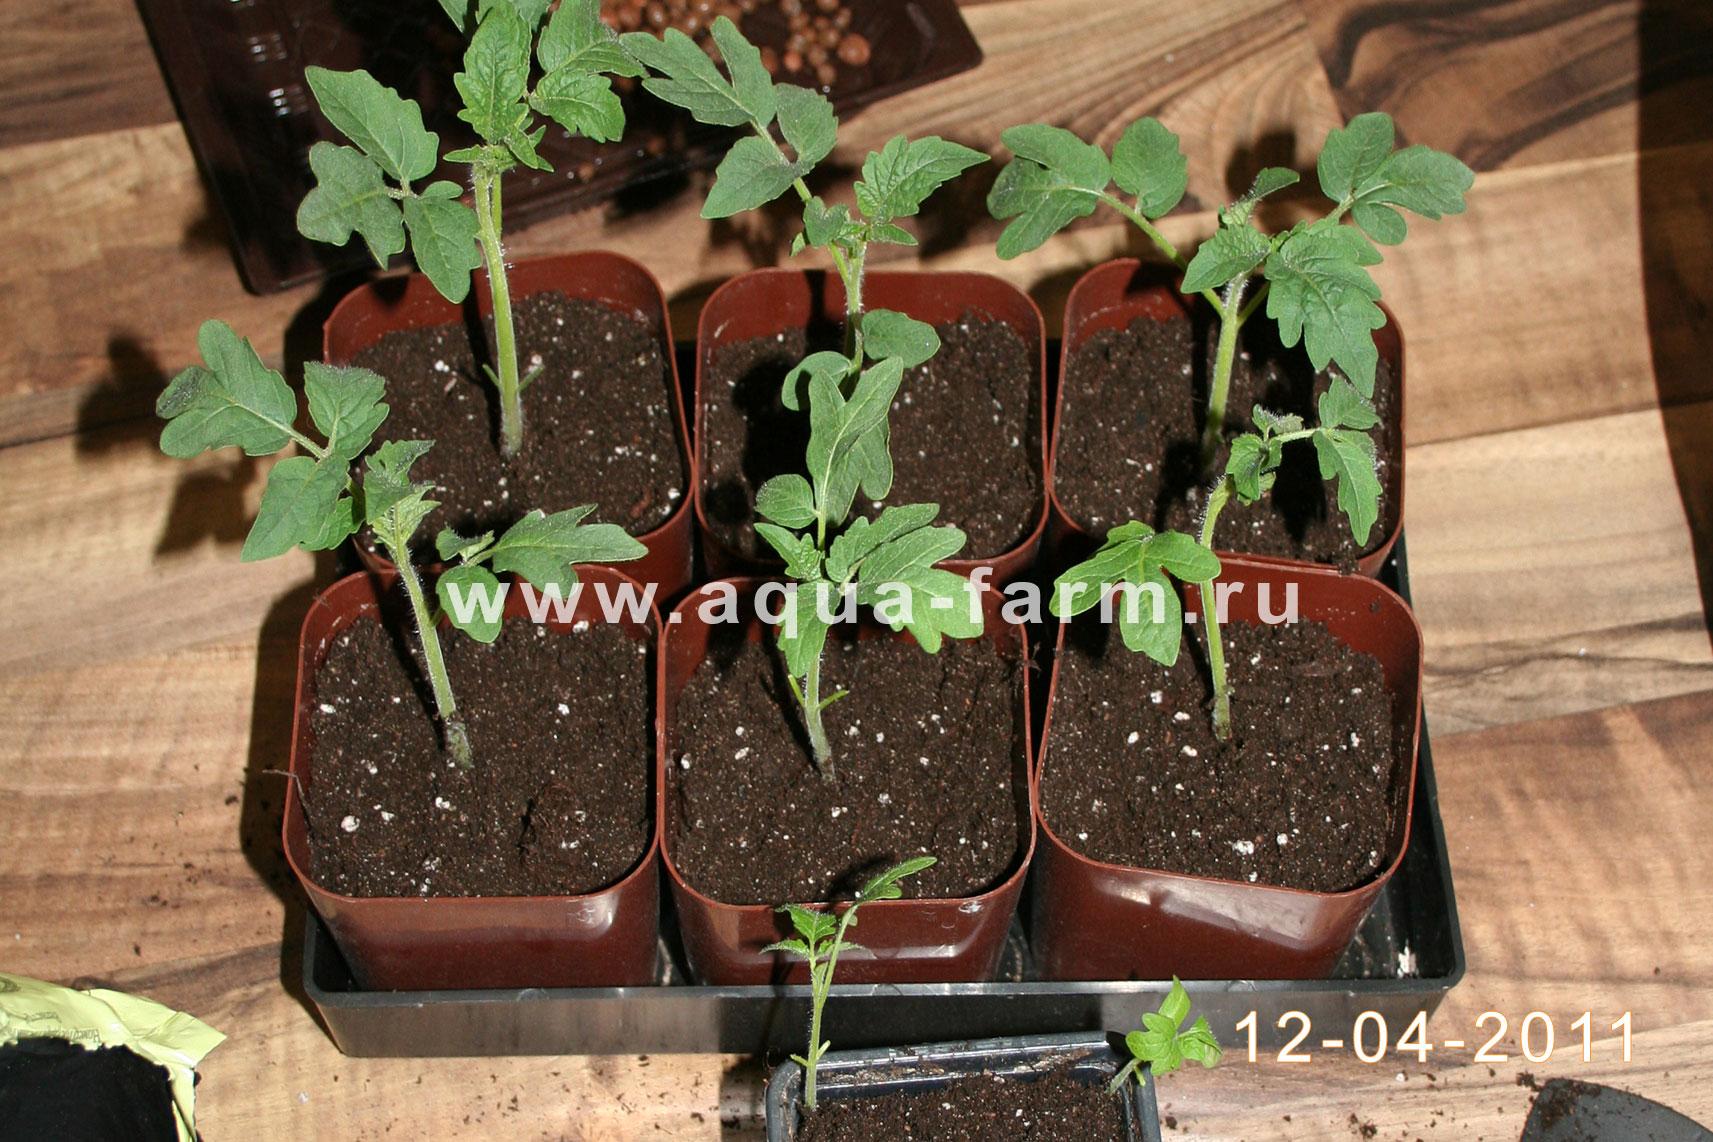 Пикировка томатов ганичкина – описание метода с видео